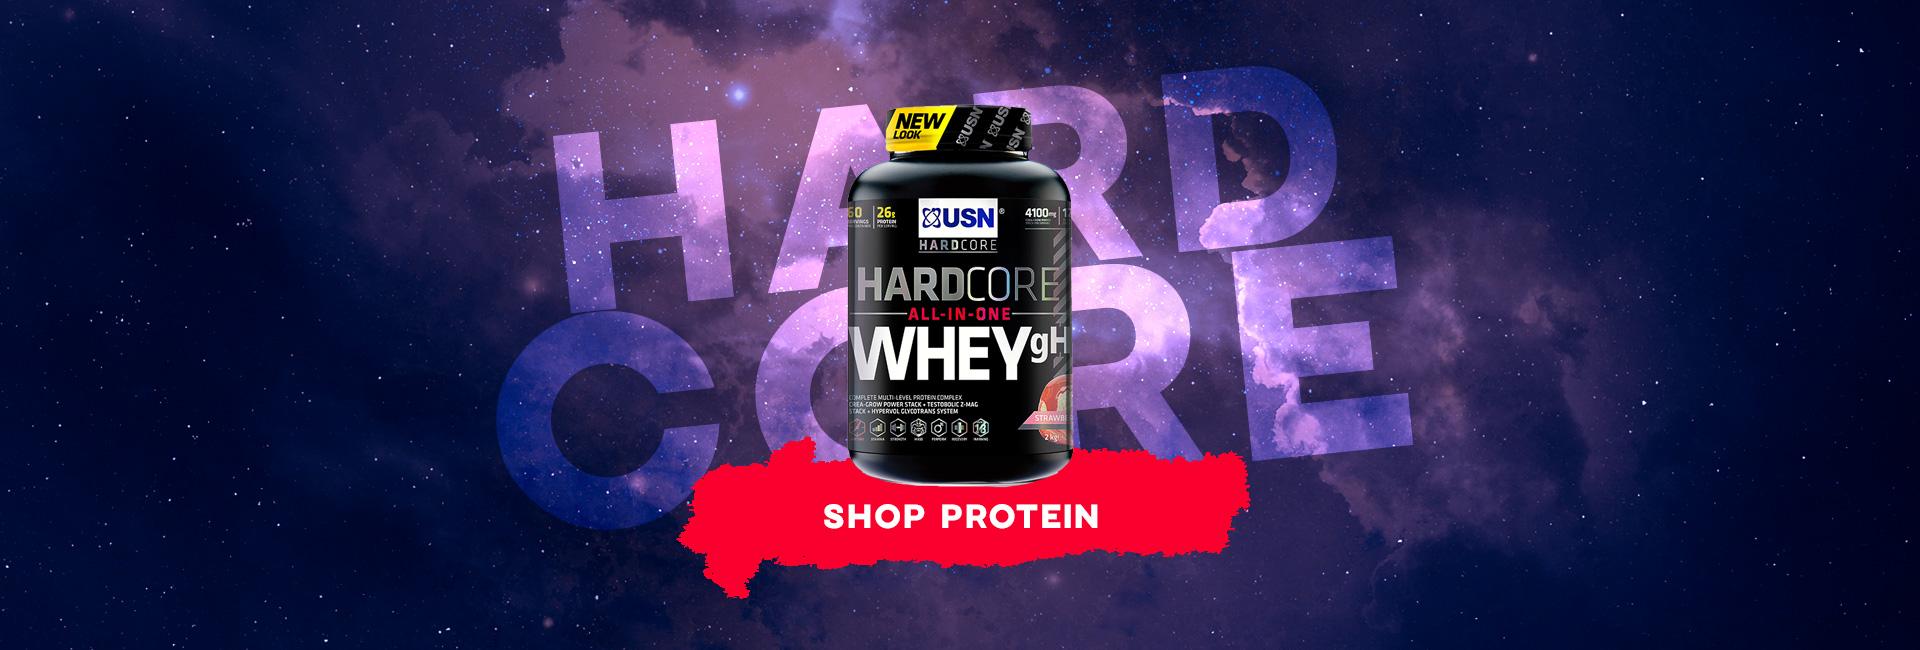 PROC Active: Buy Protein Powder Online